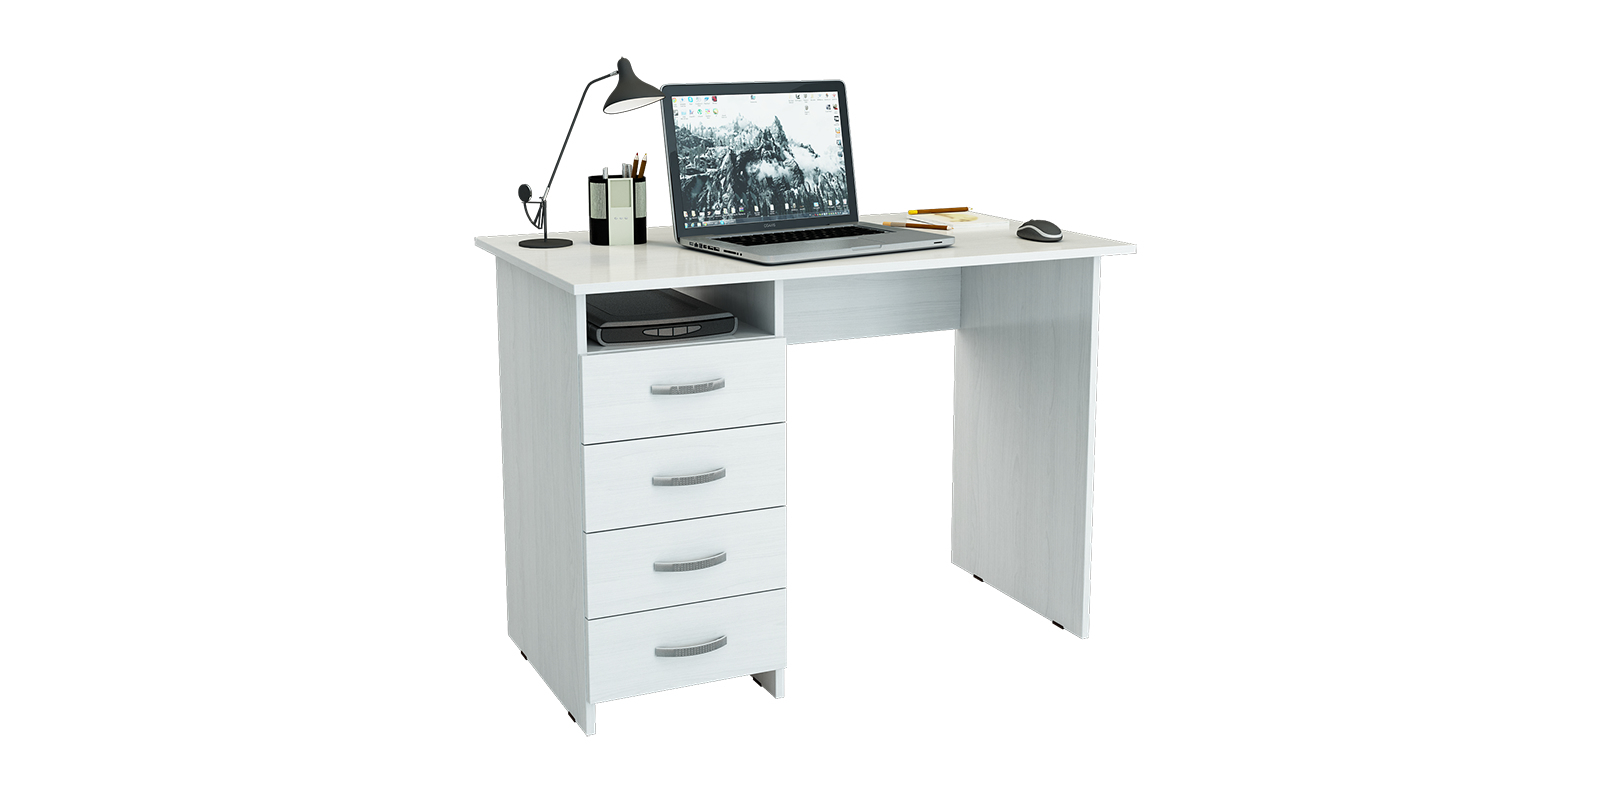 Стол компьютерный Дунай вариант №2 (белый)